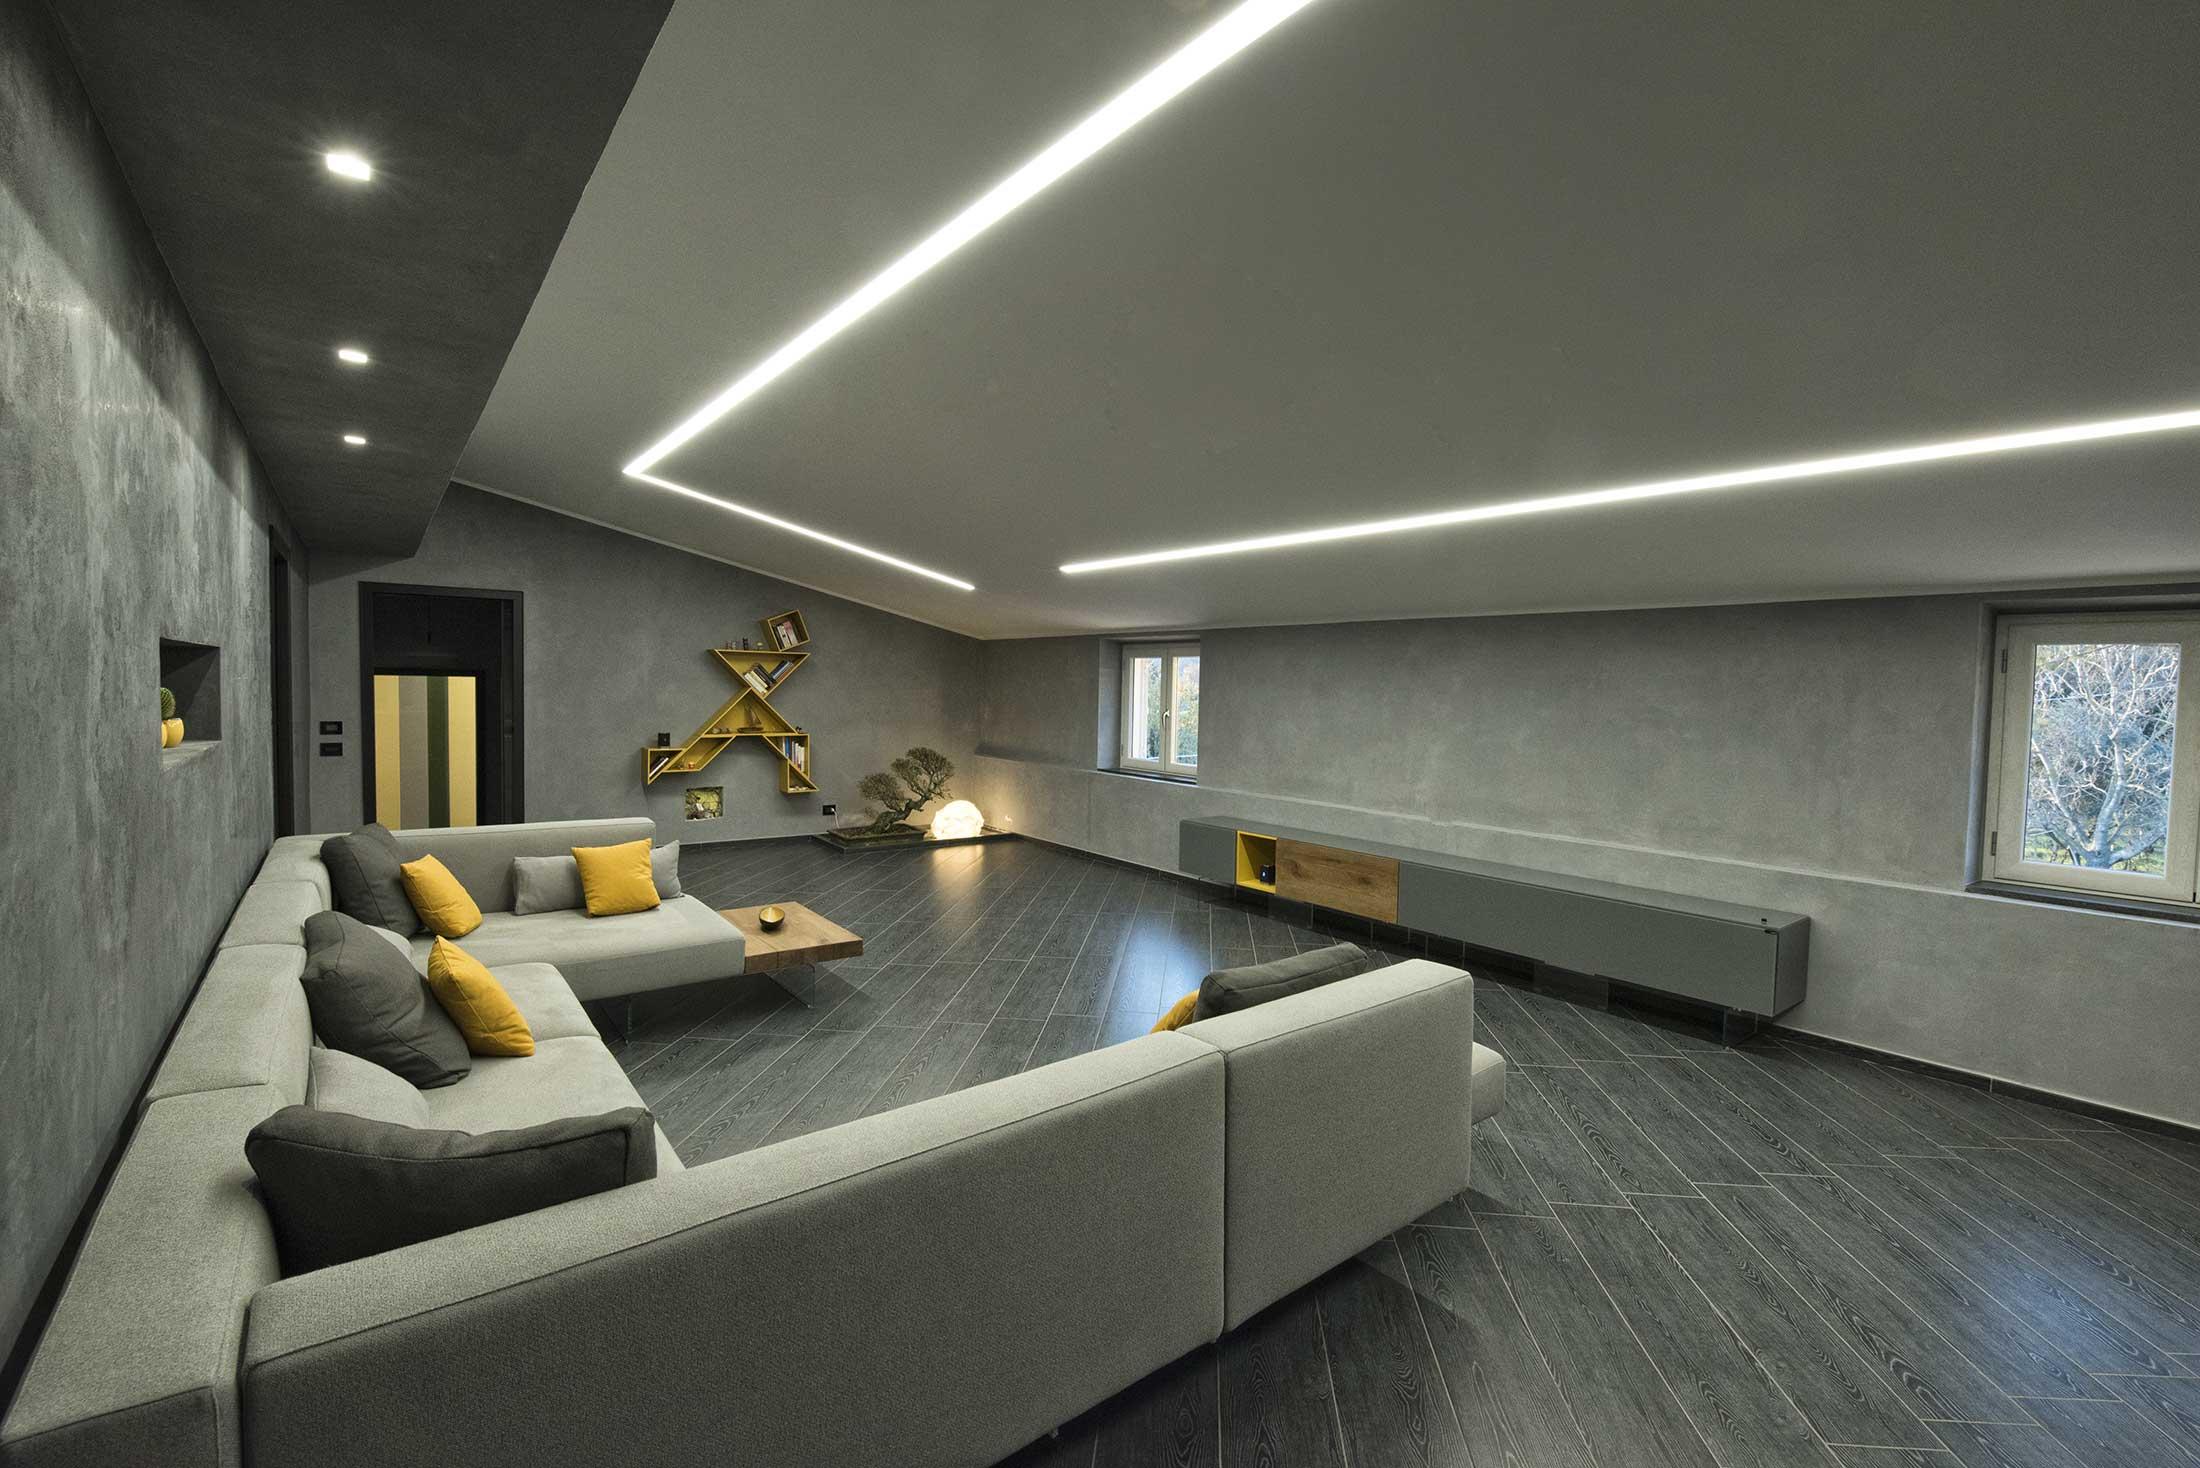 progetti-architettura-design-Formia-Addessi-Design-progettazione (11)